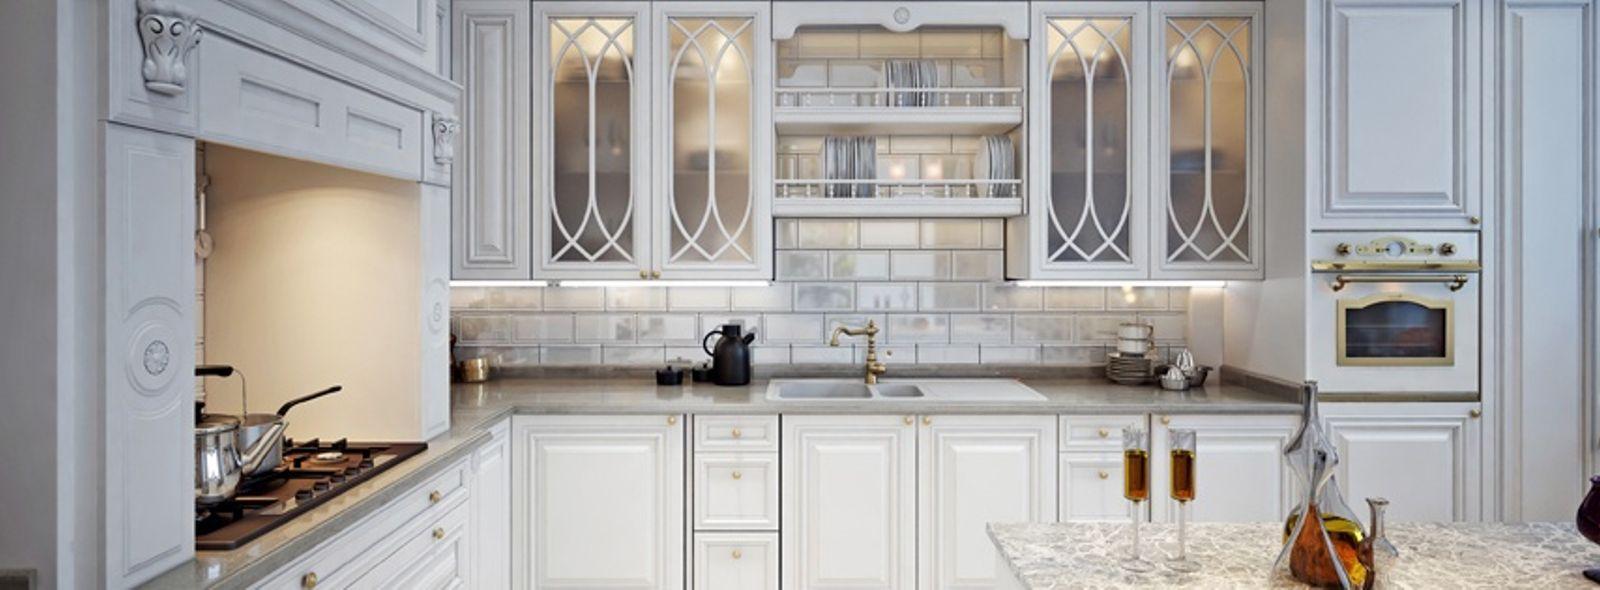 Quale colore scegliere per una cucina classica